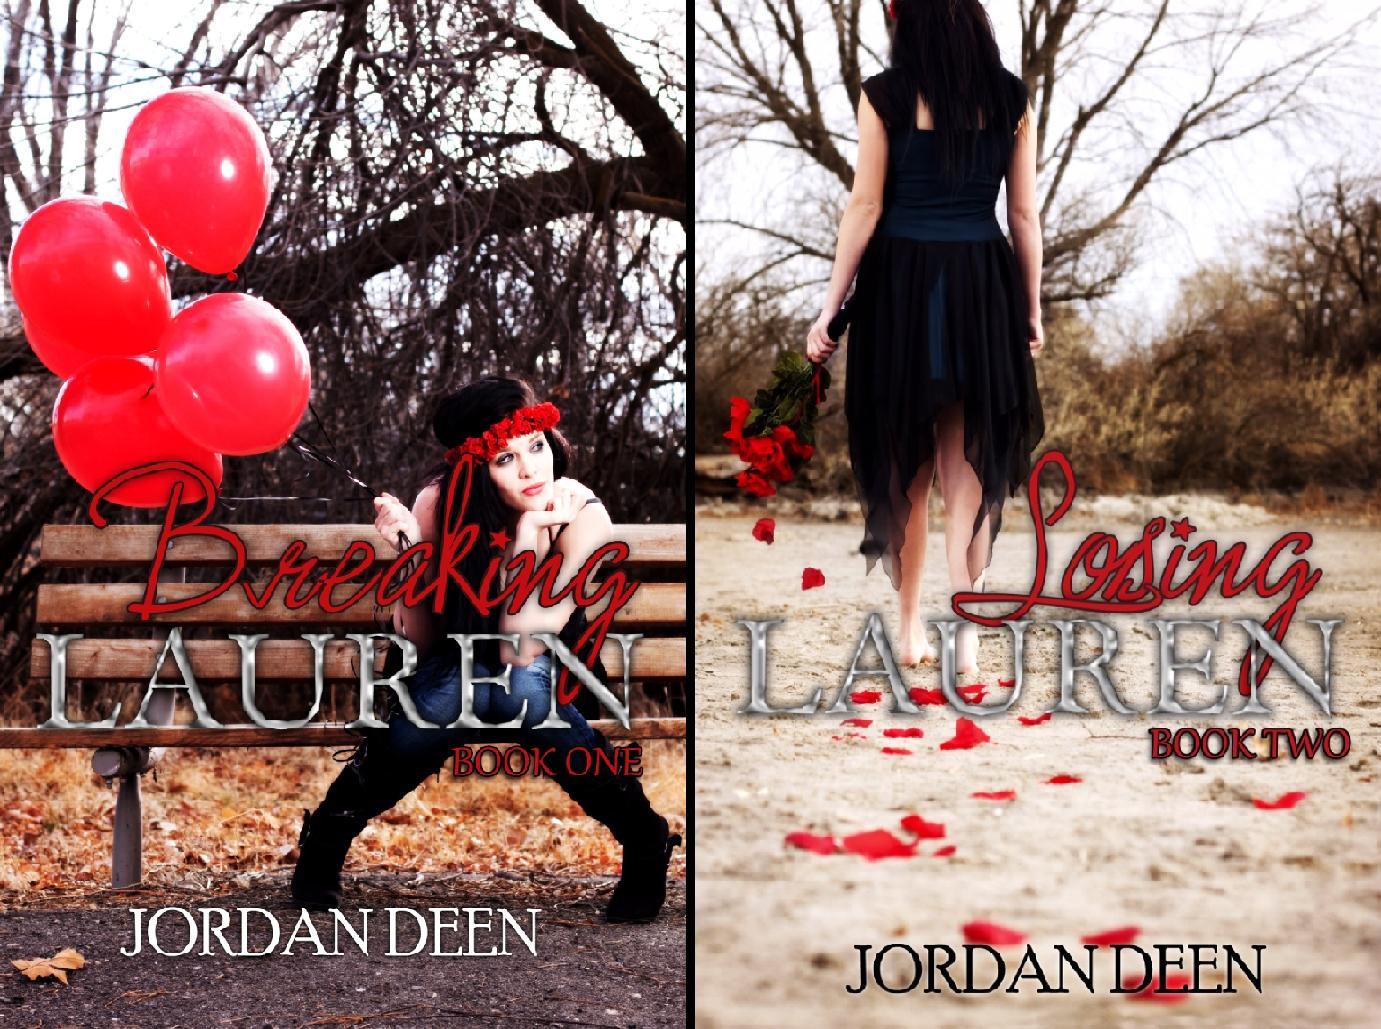 The Lauren Series (2 Book Series) (Deen Jordan)